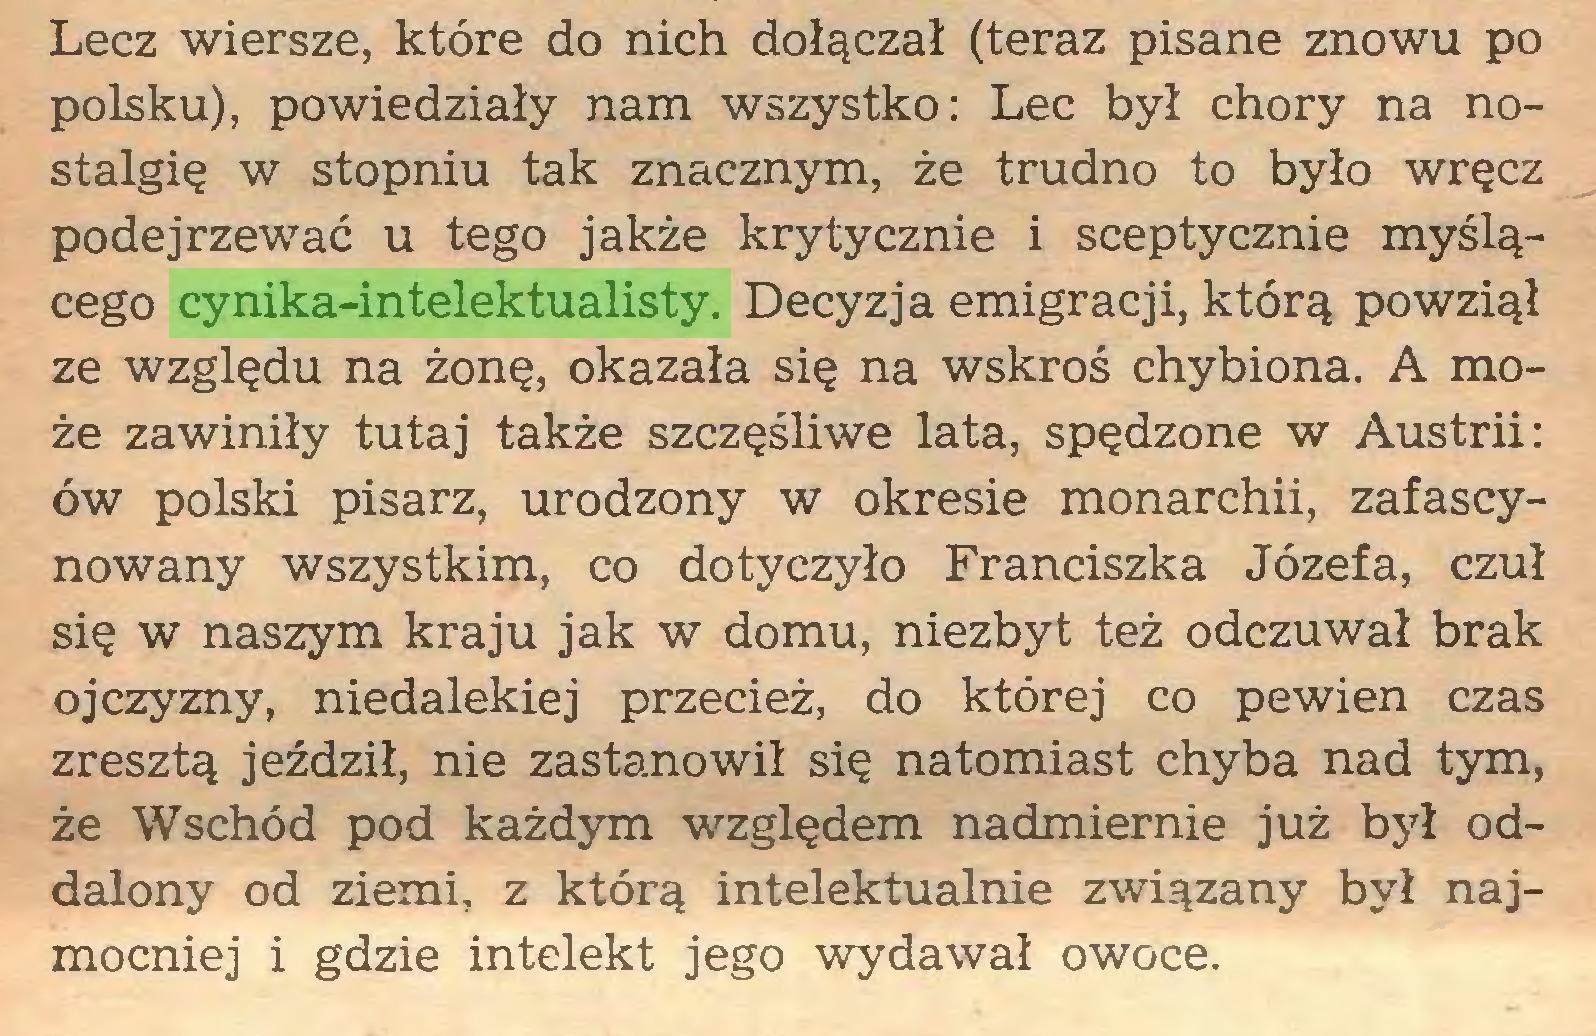 (...) Lecz wiersze, które do nich dołączał (teraz pisane znowu po polsku), powiedziały nam wszystko: Lec był chory na nostalgię w stopniu tak znacznym, że trudno to było wręcz podejrzewać u tego jakże krytycznie i sceptycznie myślącego cynika-intelektualisty. Decyzja emigracji, którą powziął ze względu na żonę, okazała się na wskroś chybiona. A może zawiniły tutaj także szczęśliwe lata, spędzone w Austrii: ów polski pisarz, urodzony w okresie monarchii, zafascynowany wszystkim, co dotyczyło Franciszka Józefa, czuł się w naszym kraju jak w domu, niezbyt też odczuwał brak ojczyzny, niedalekiej przecież, do której co pewien czas zresztą jeździł, nie zastanowił się natomiast chyba nad tym, że Wschód pod każdym względem nadmiernie już był oddalony od ziemi, z którą intelektualnie związany był najmocniej i gdzie intelekt jego wydawał owoce...